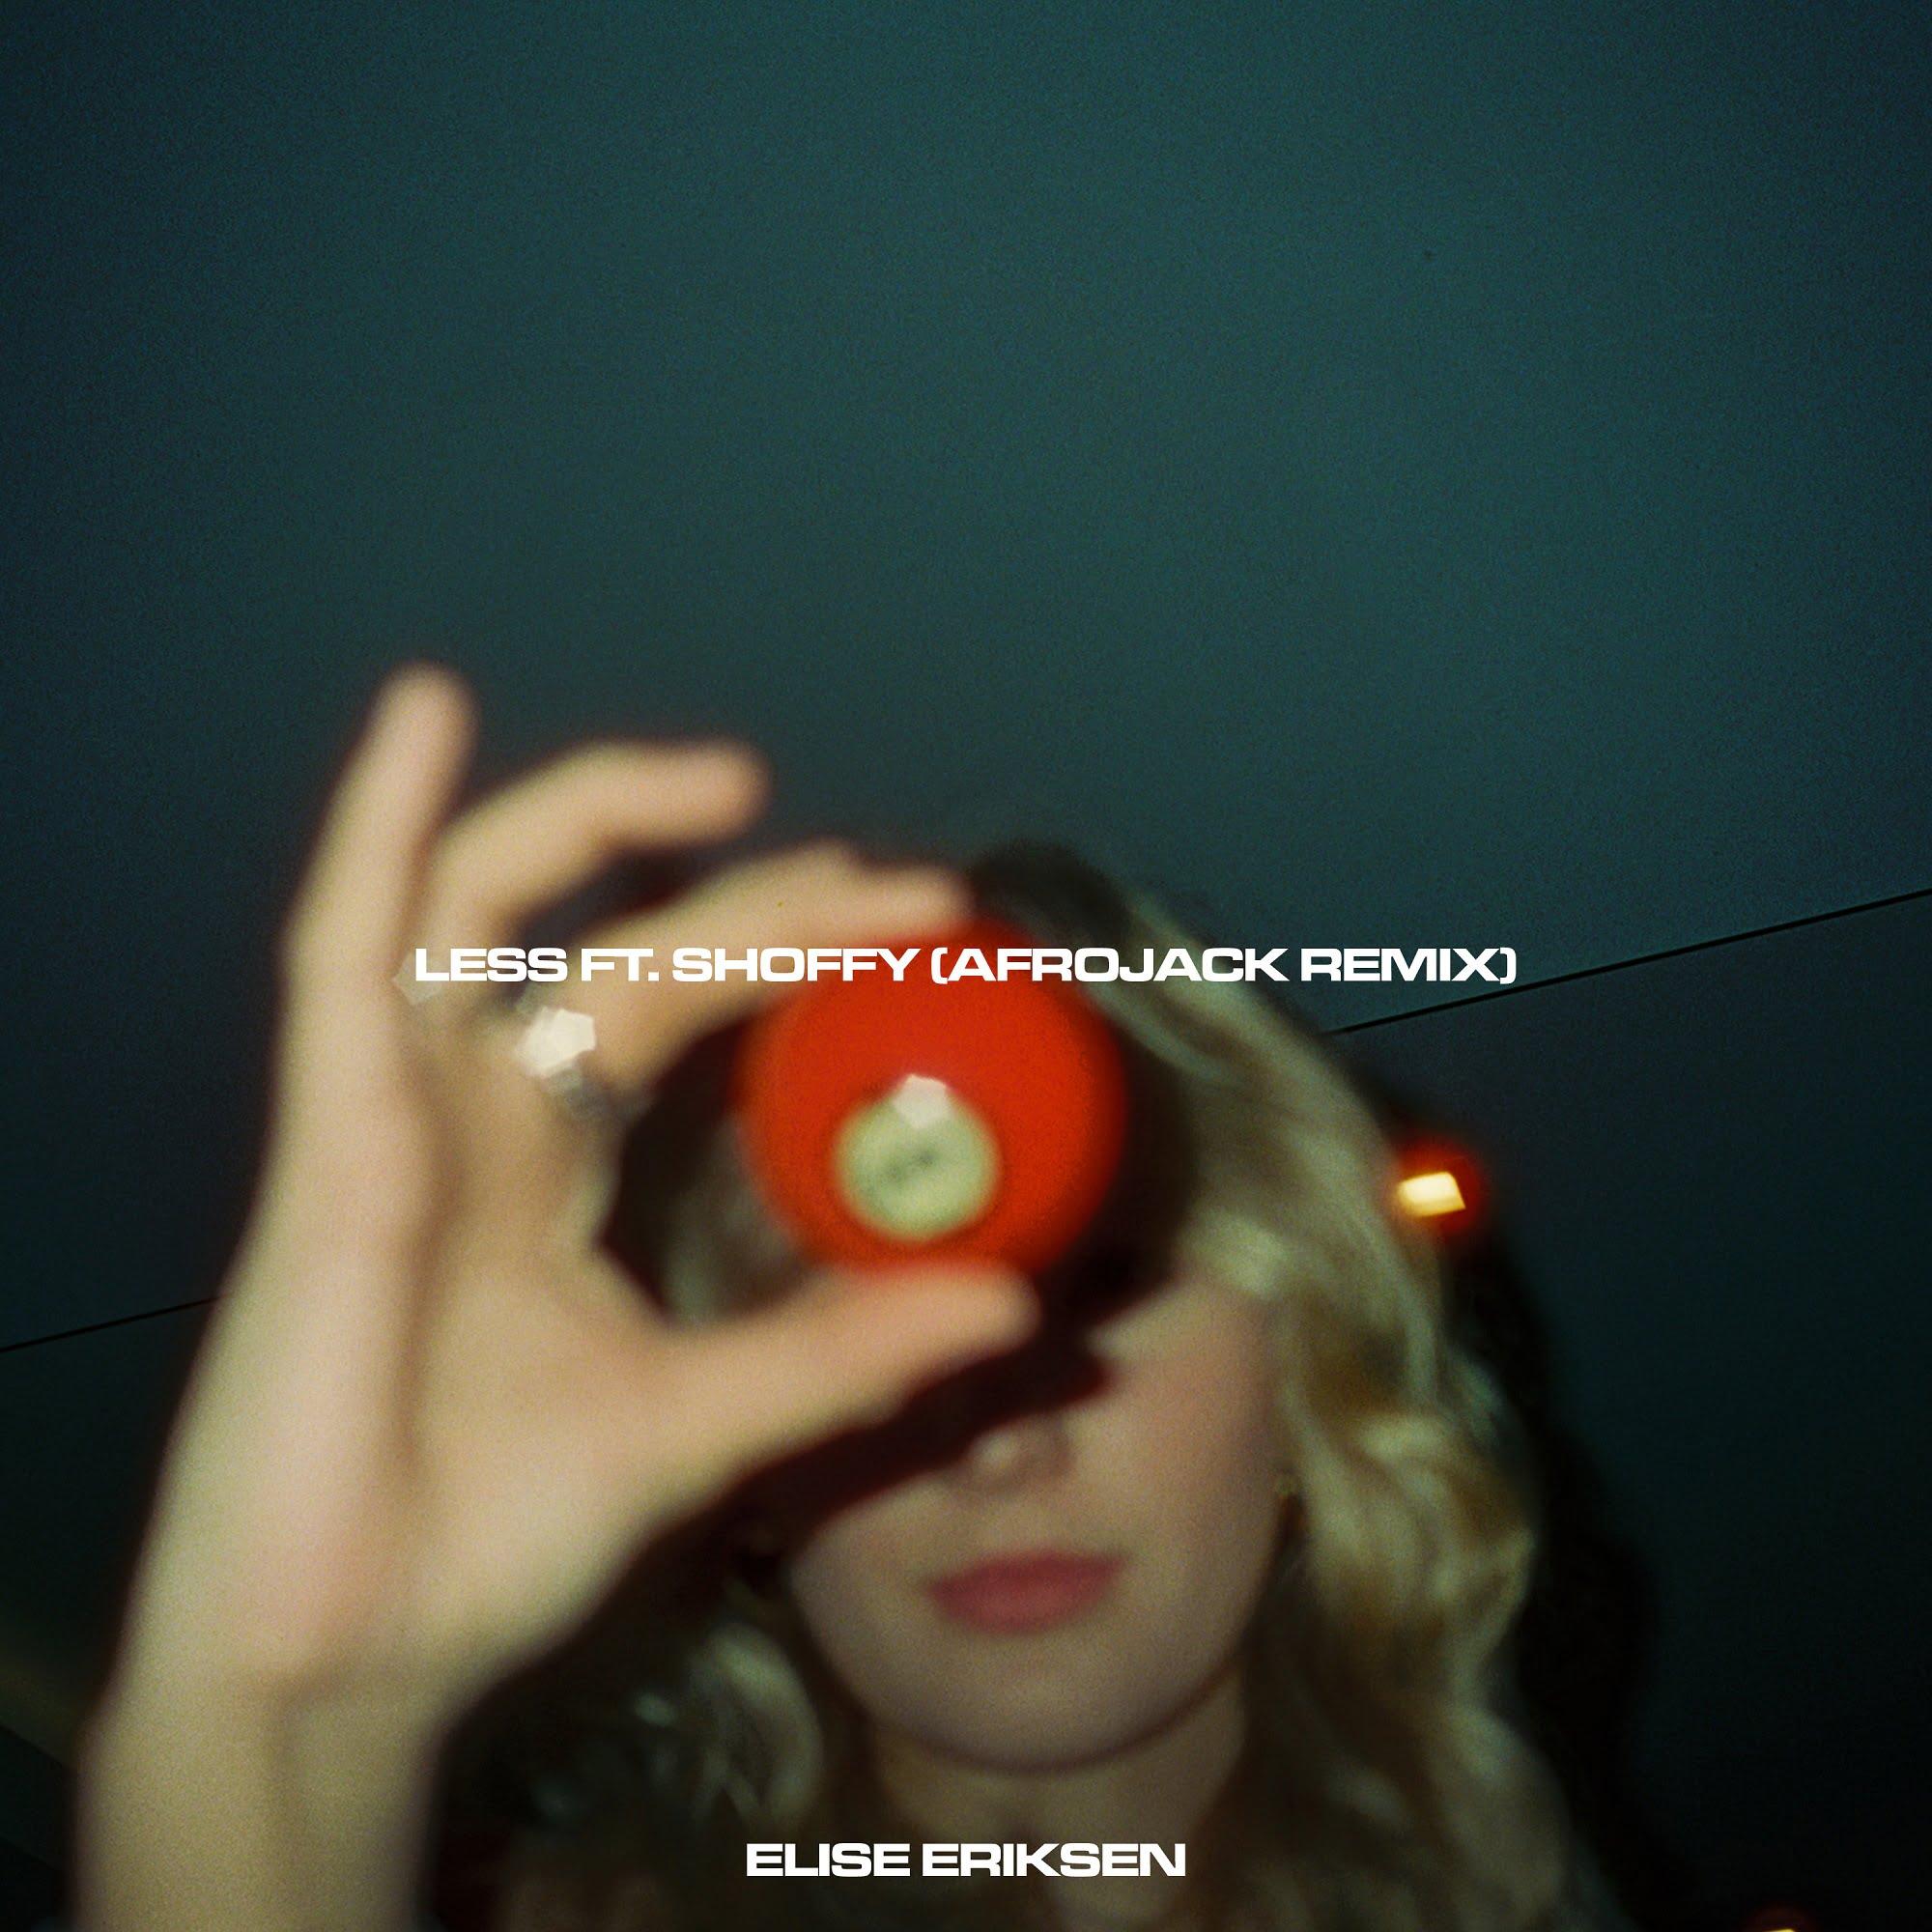 Elise Eriksen - Less (Afrojack Remix) Artwork for use by 360 Magazine